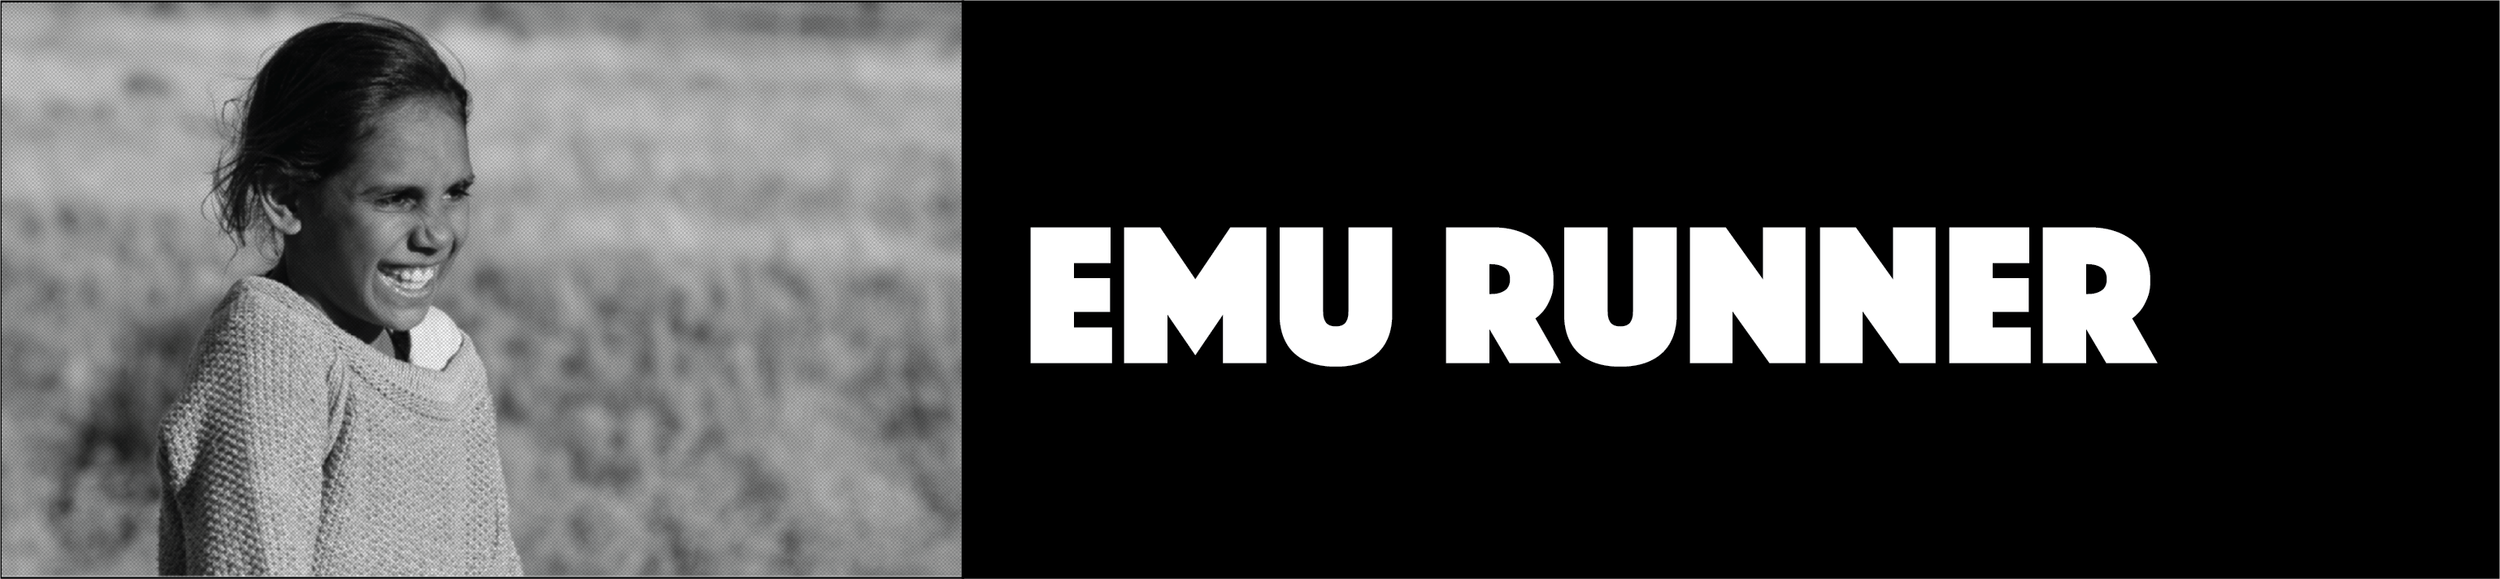 EMU_RUNNER.png